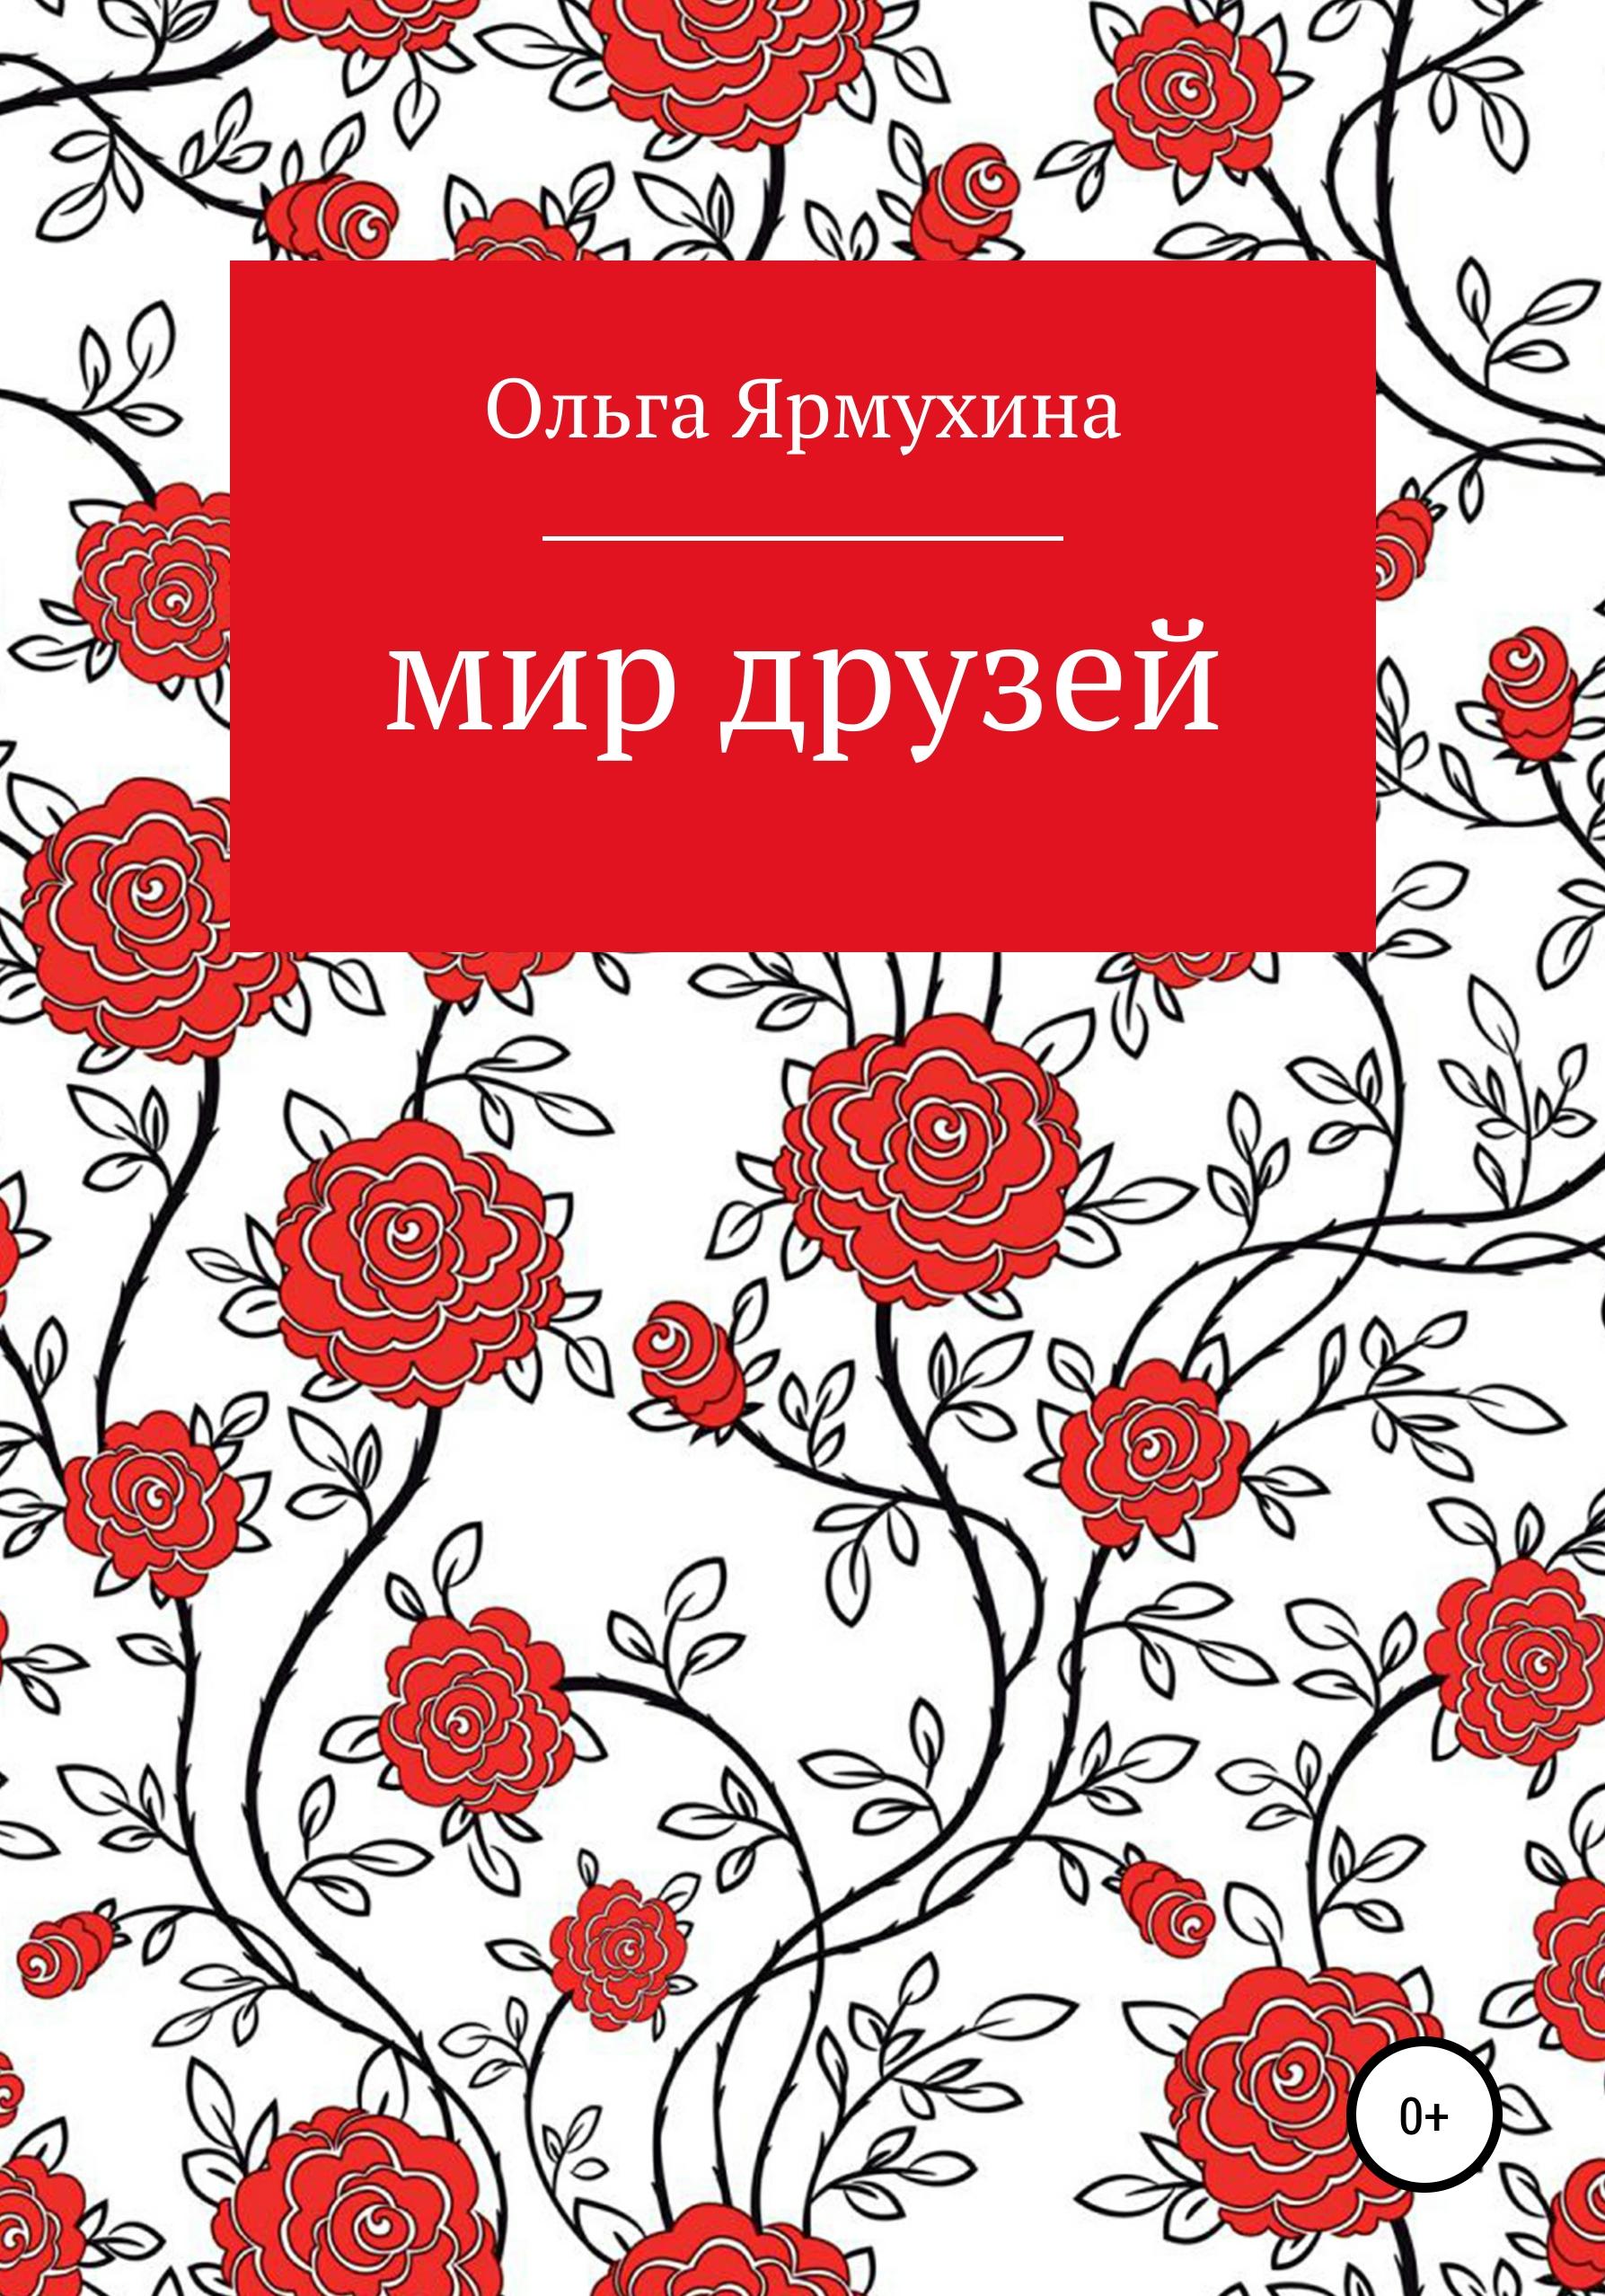 Василий Устимов, ОЛЬГА ЯРМУХИНА - Мир друзей